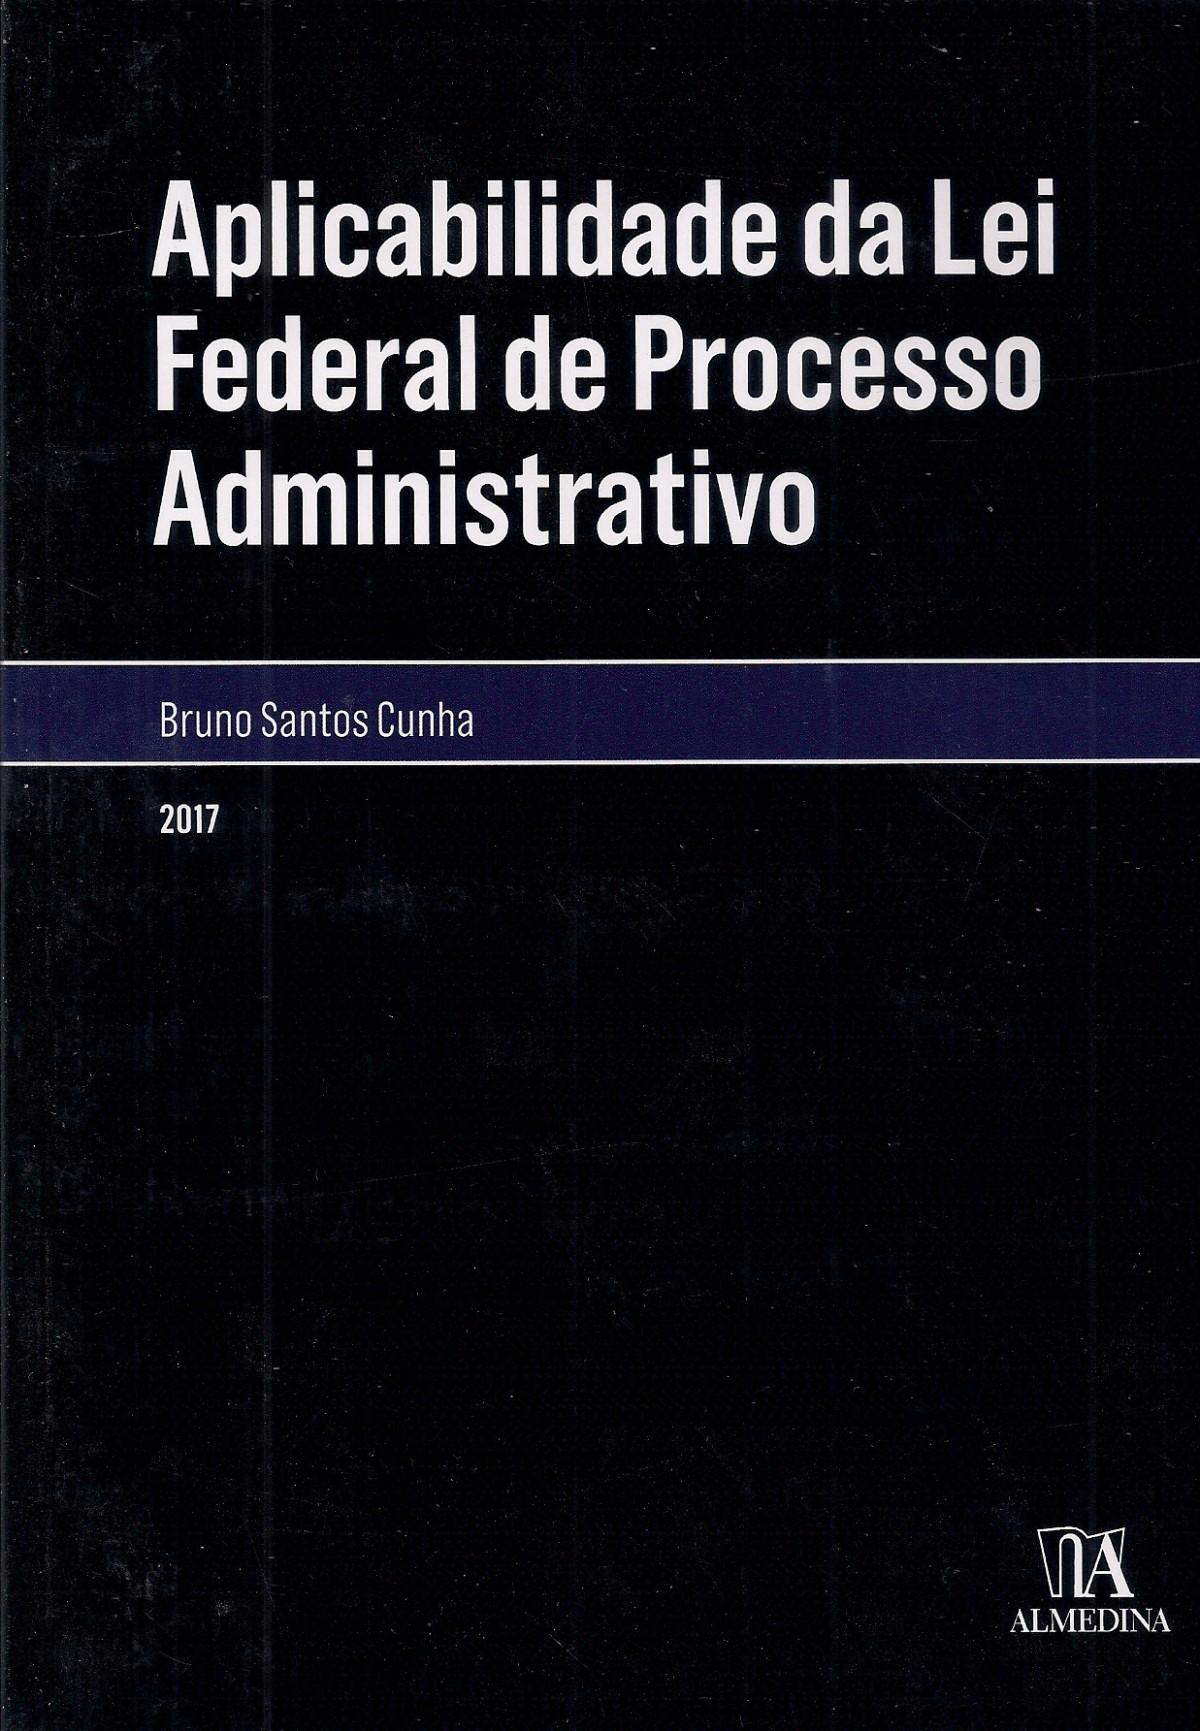 Foto 1 - Aplicabilidade da Lei Federal de Processo Administrativo